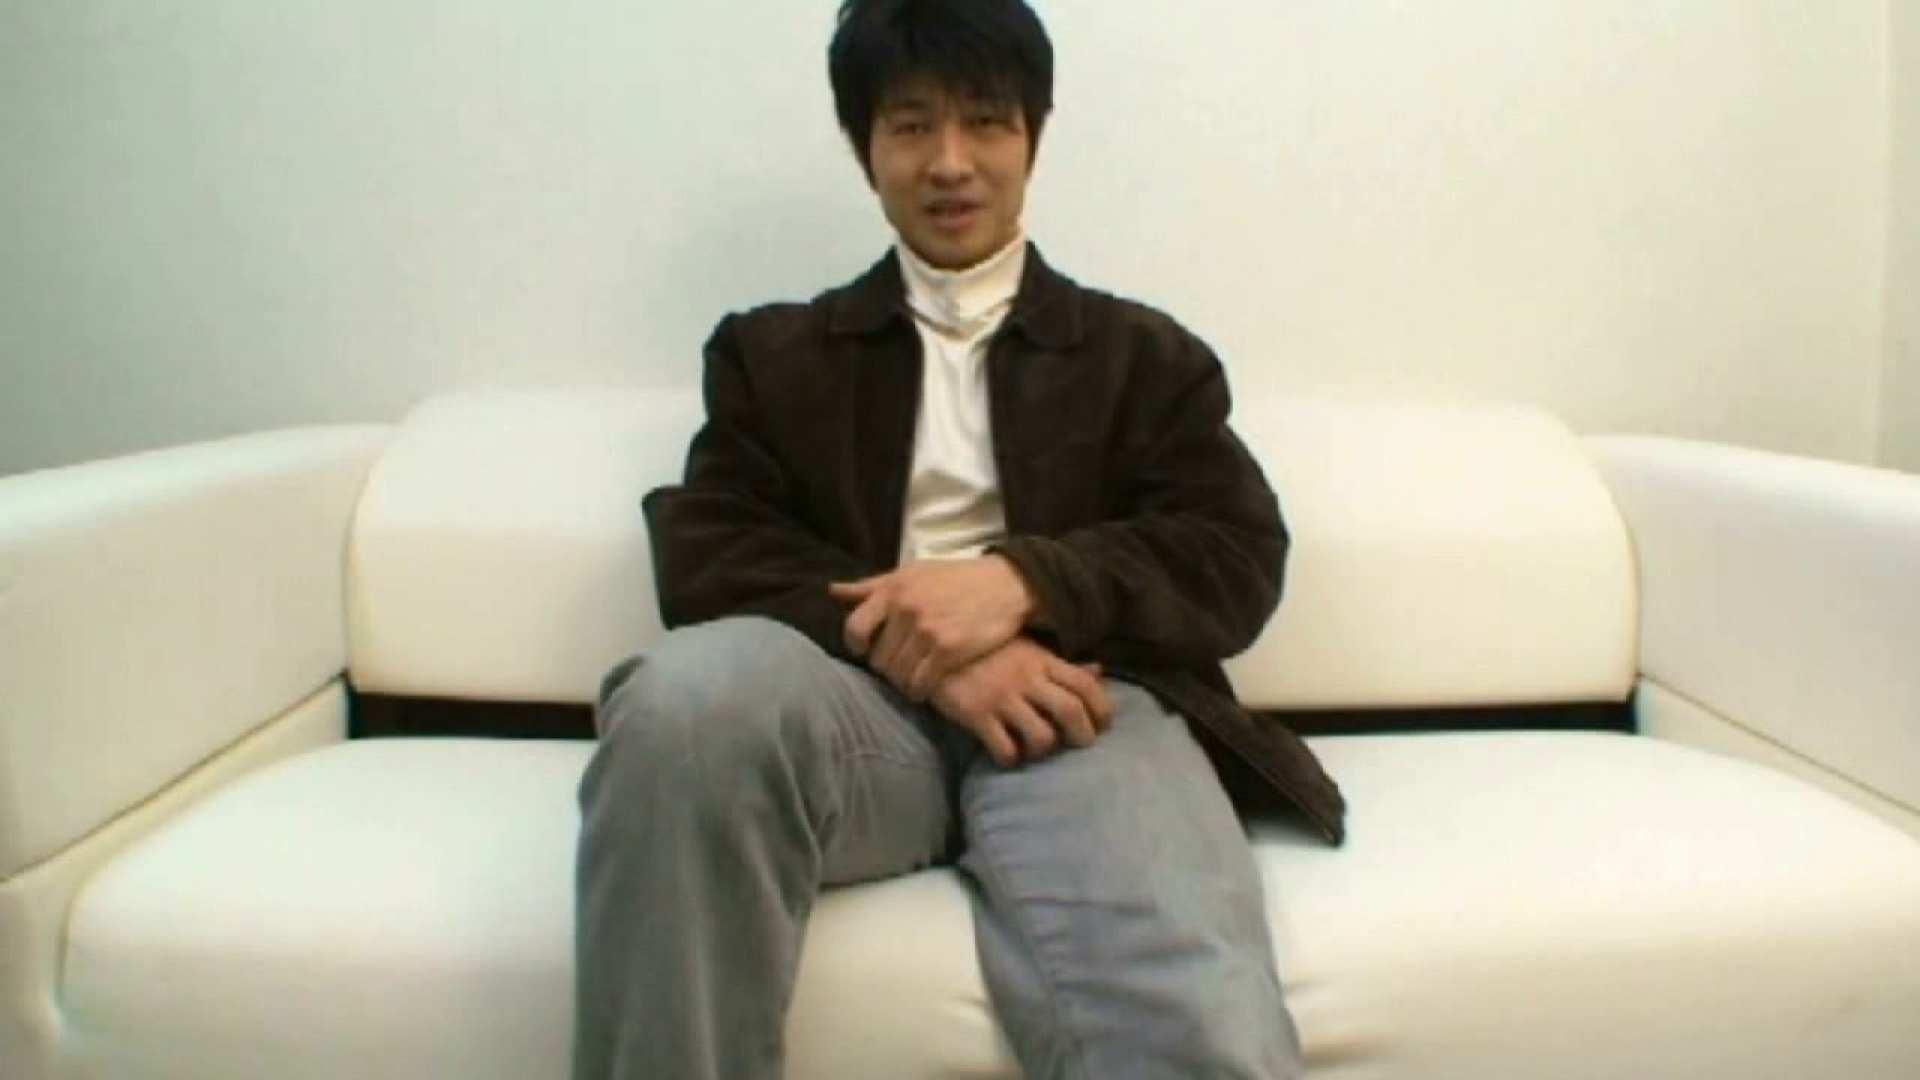 ノンケ!自慰スタジオ No.15 マッチョ男子 | 自慰動画 亀頭もろ画像 10連発 1